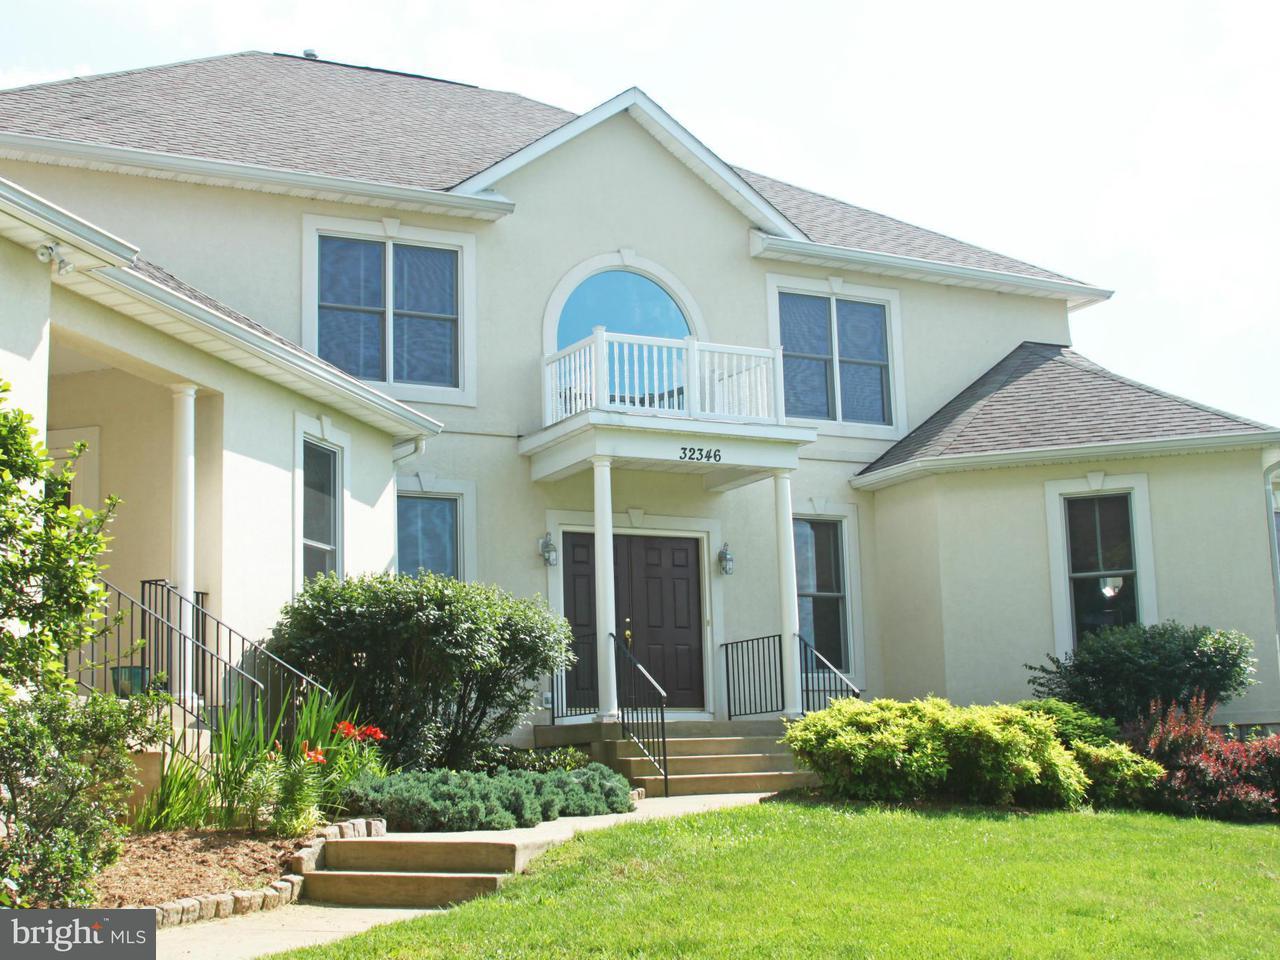 Einfamilienhaus für Verkauf beim 32346 GADSDEN Lane 32346 GADSDEN Lane Locust Grove, Virginia 22508 Vereinigte Staaten